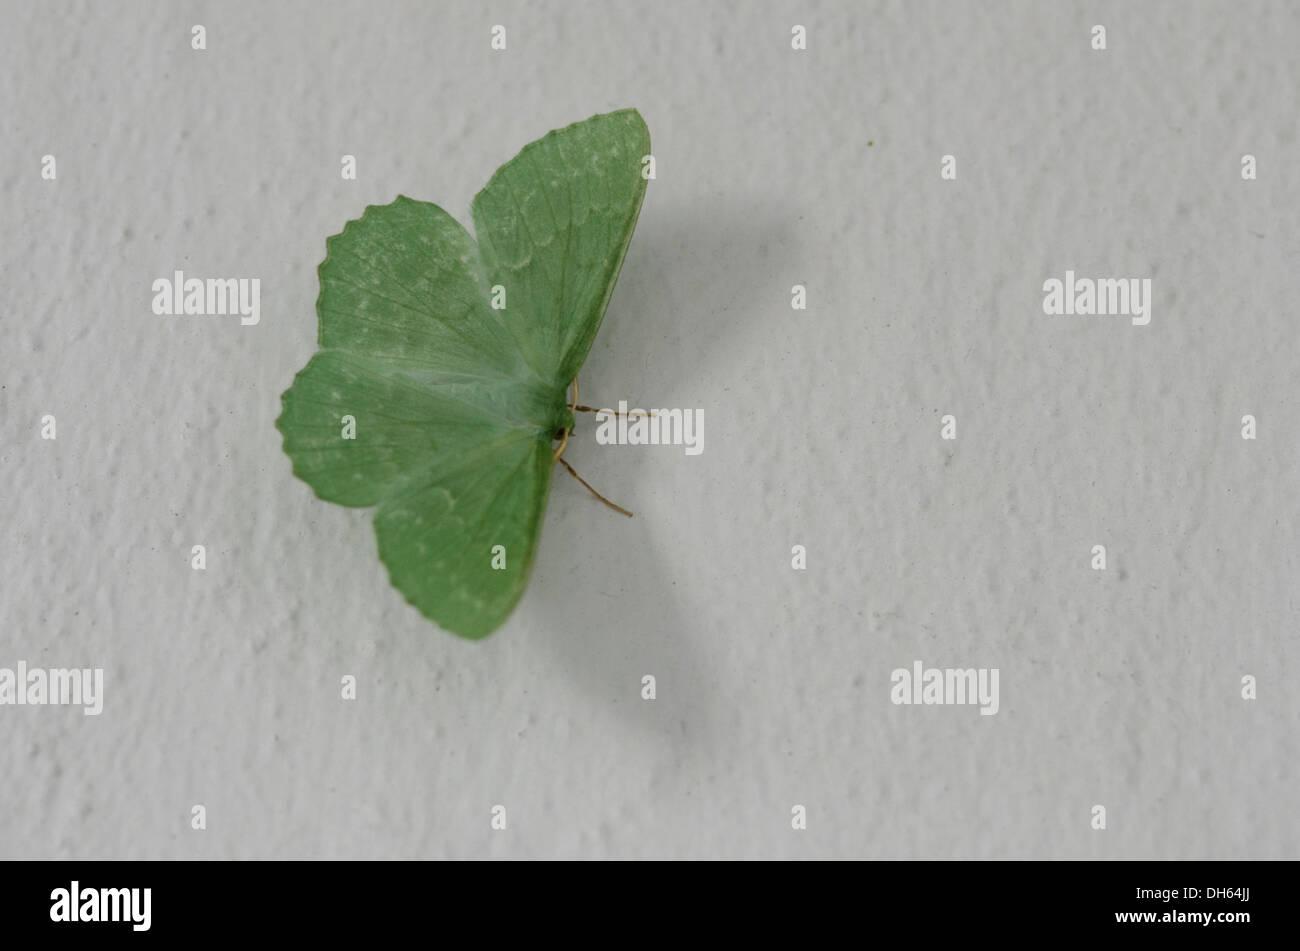 Großer Smaragd Motte [Geometra Papilionaria] auf weiß gestrichenen Wand, Sussex, UK. Juli Stockbild